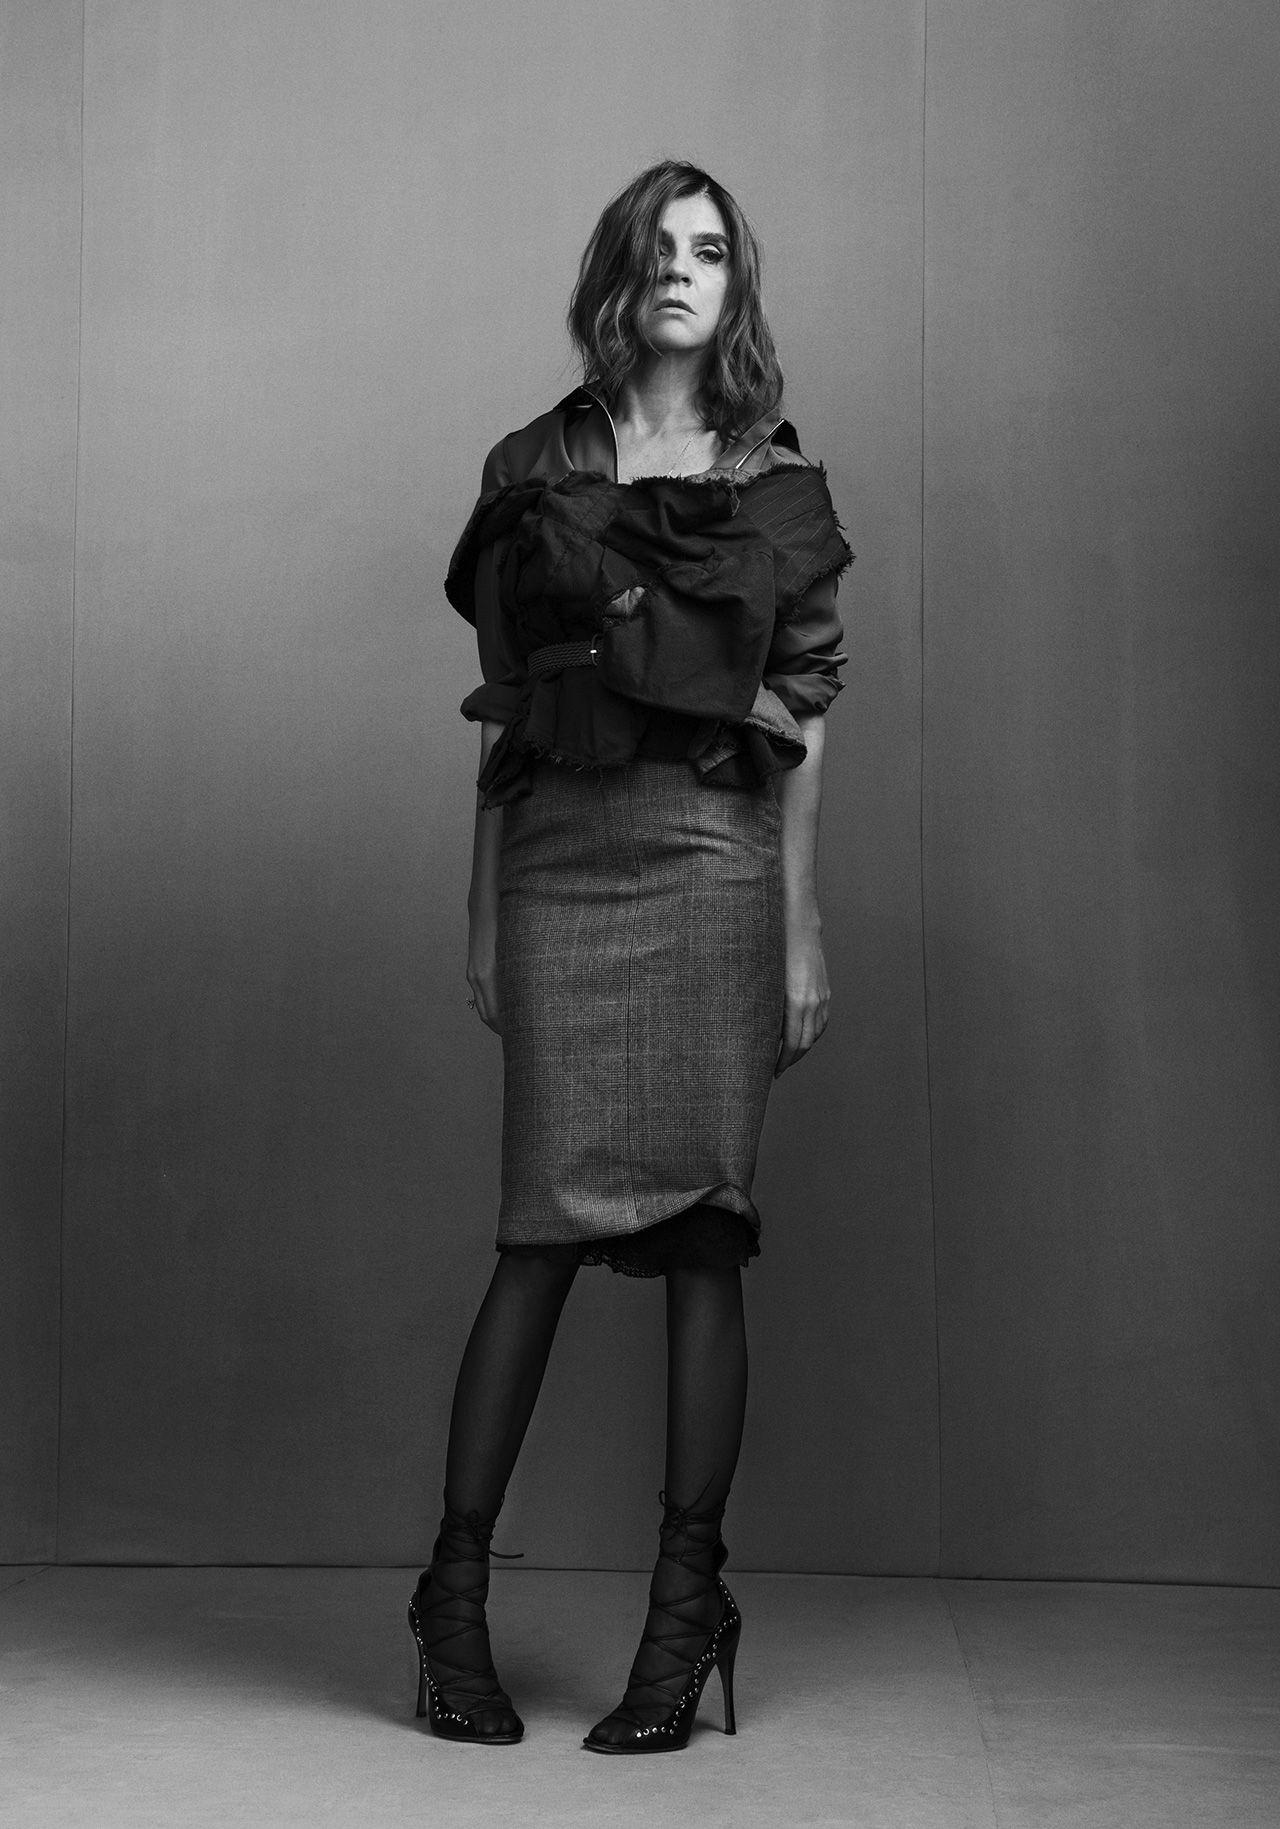 2019 year look- Roitfeld carine a wardrobe retrospective